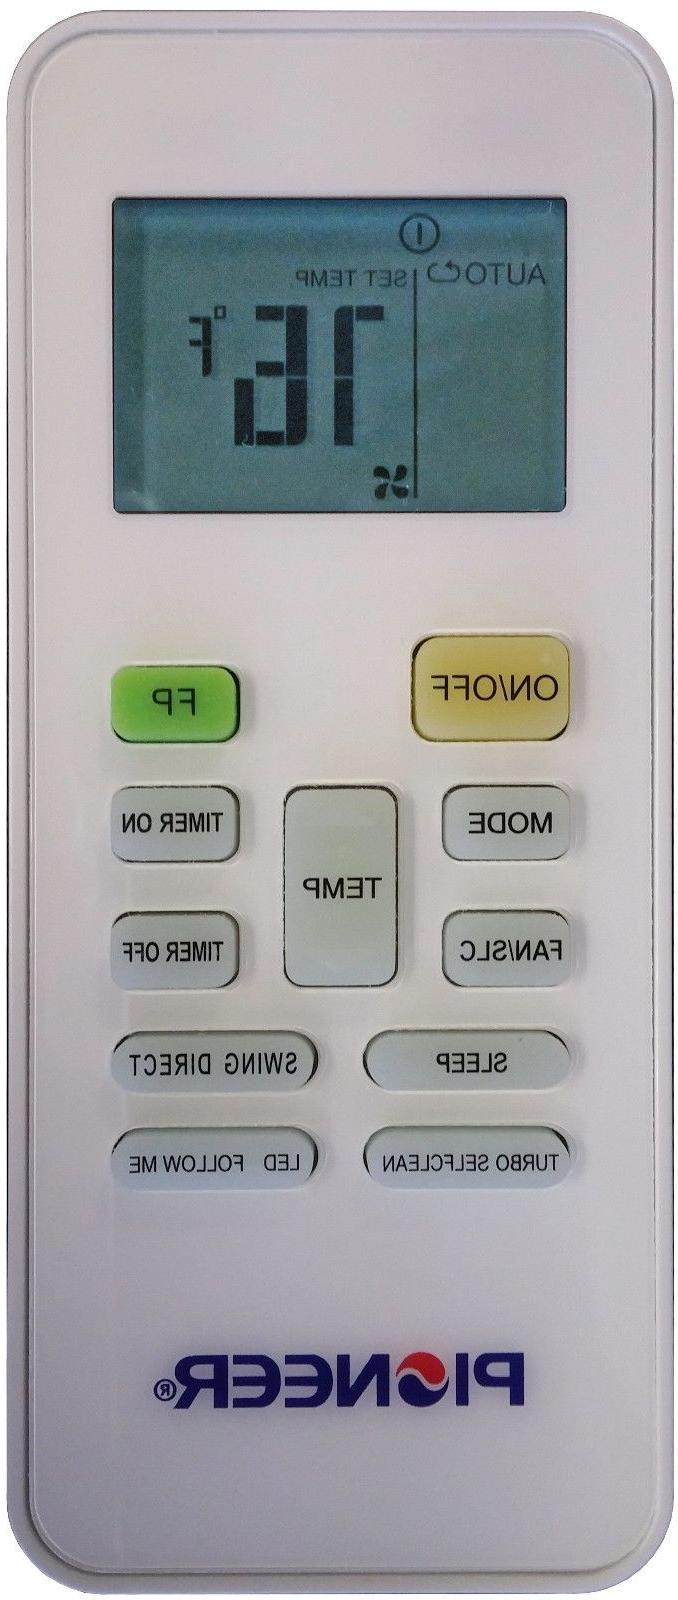 PIONEER 36000 SEER Mini